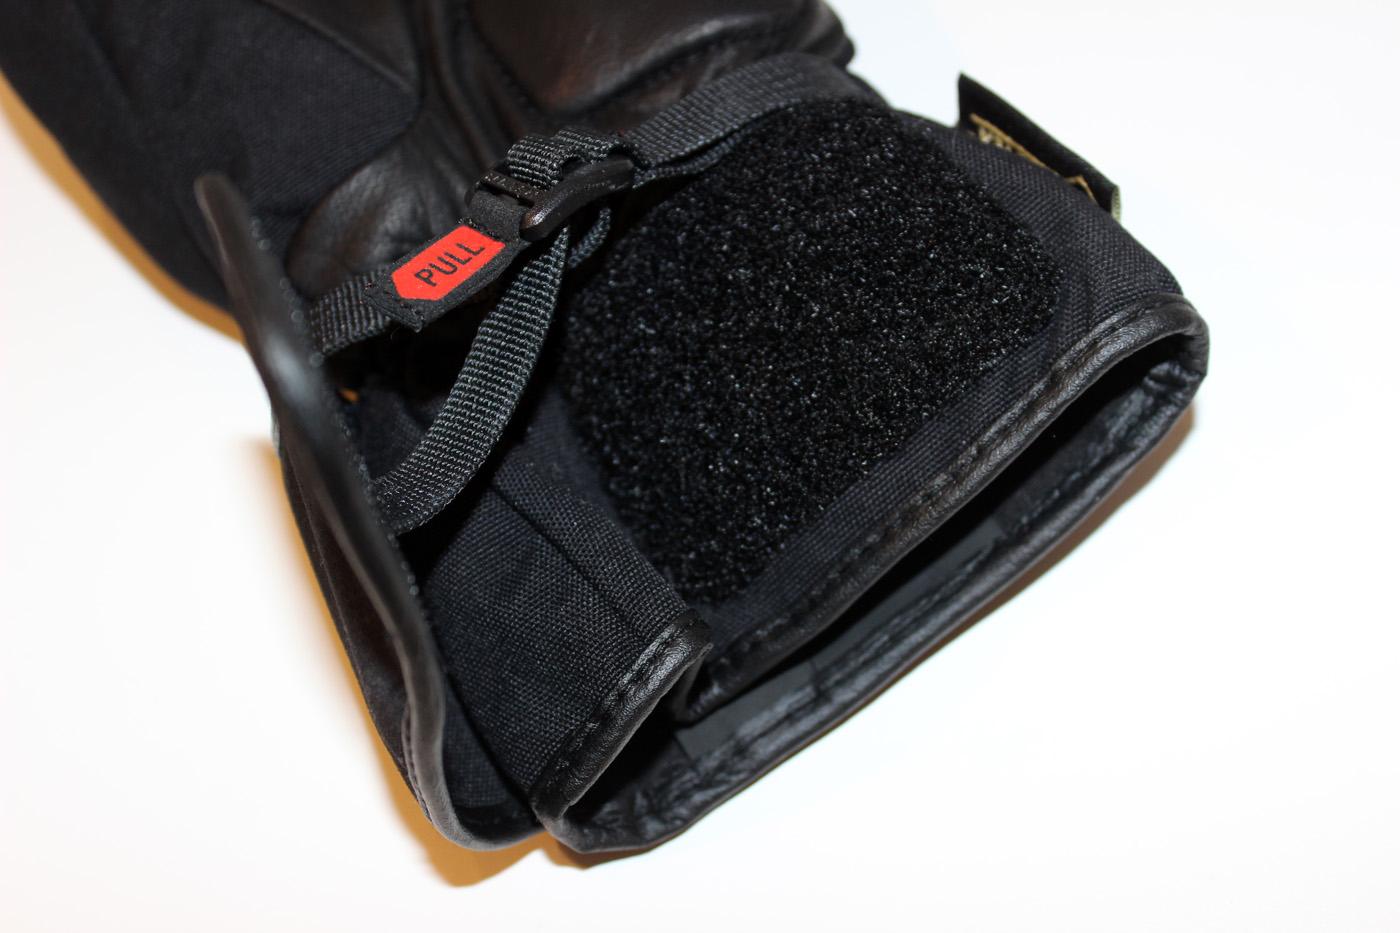 La manchette composée d'une fermeture Velcro est longue et passe sous un blouson qui une fermeture éclair réglable au bout des manches.